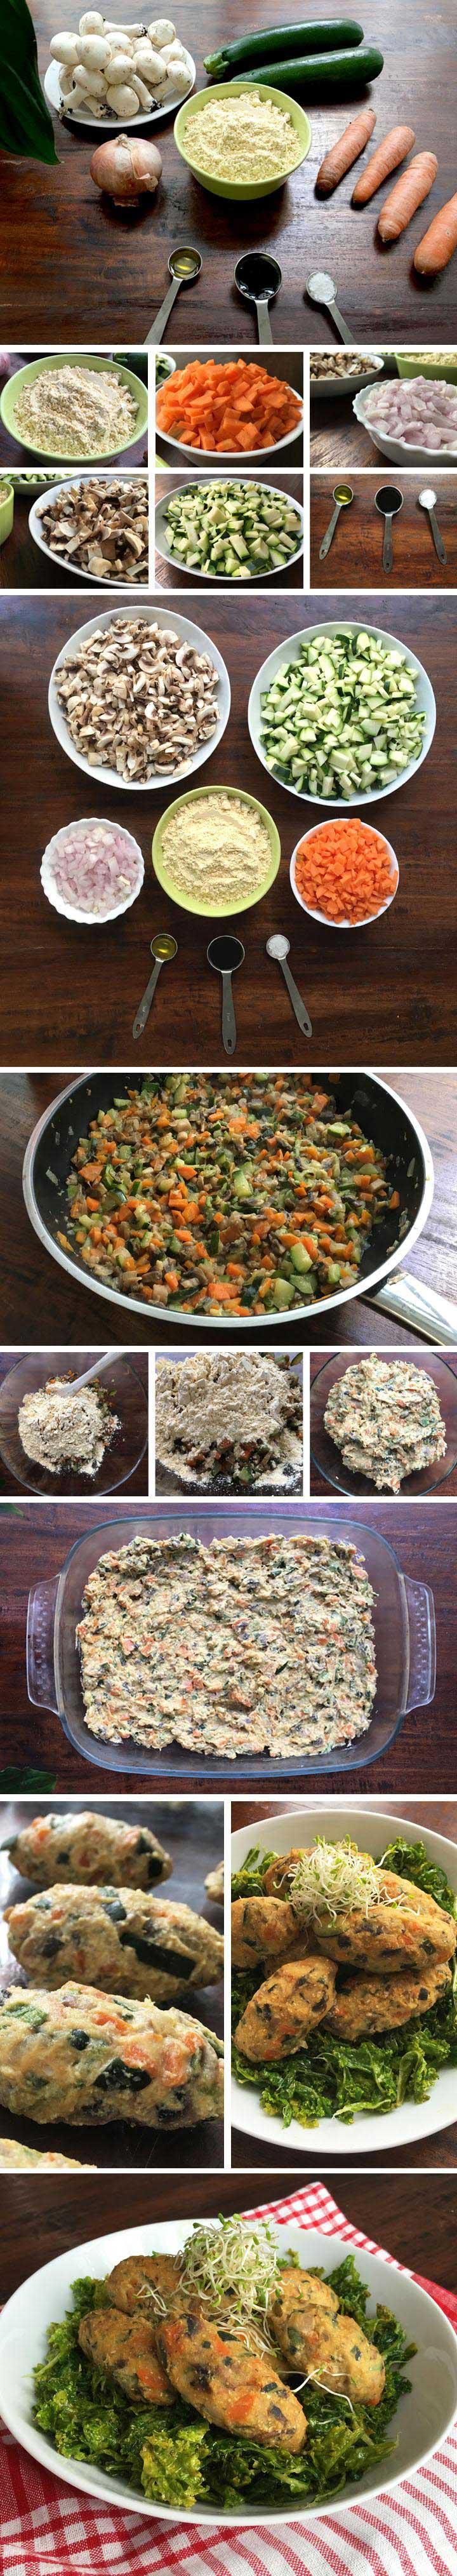 Ingredientes y elaboración croquetas de verduras